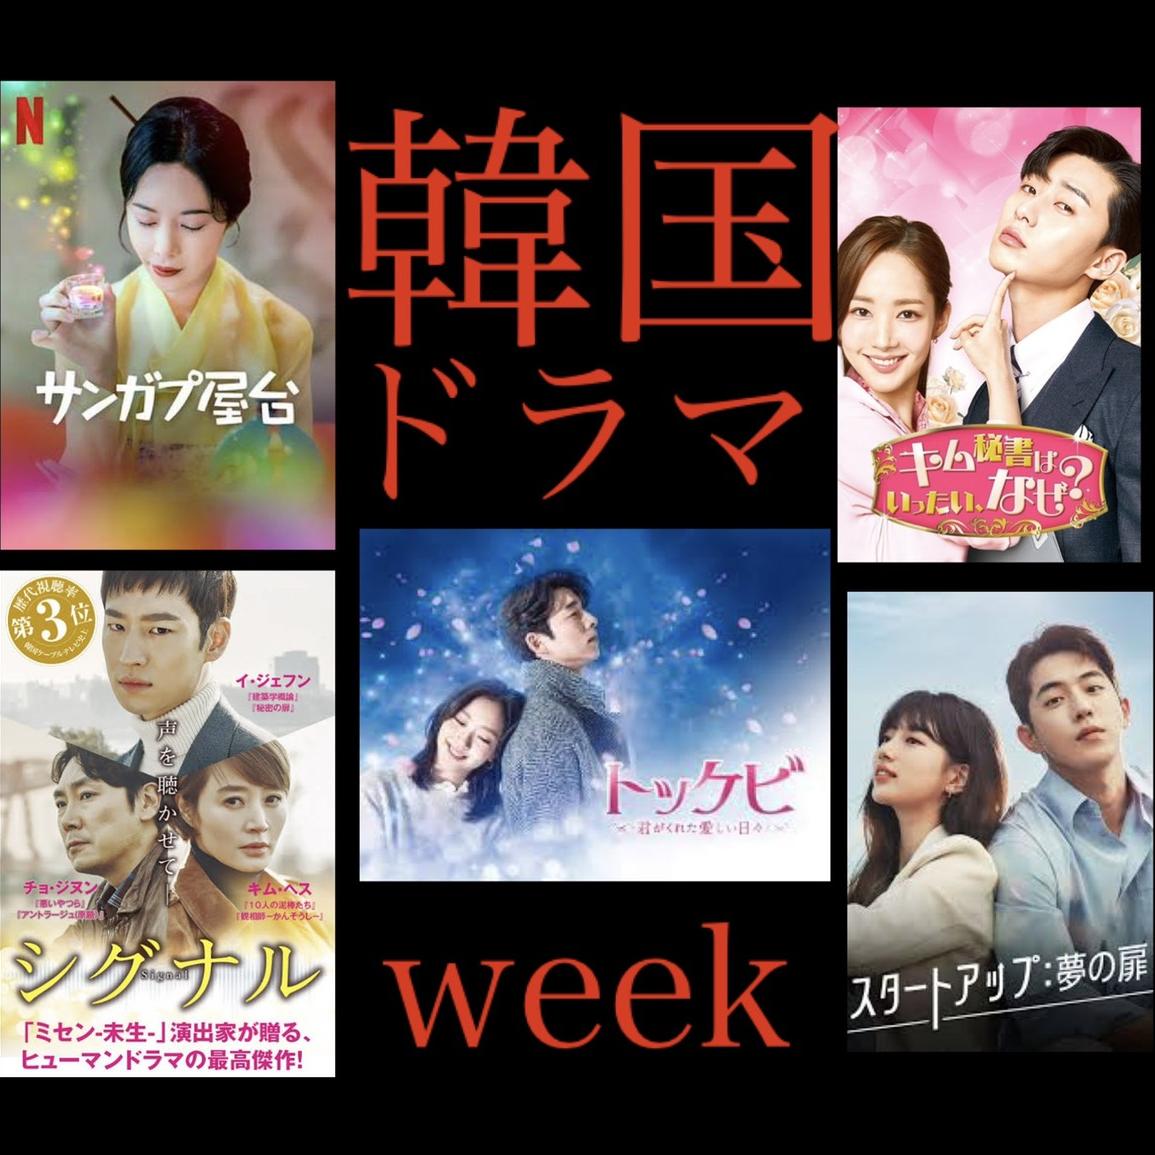 ゲイと女と「トッケビ」韓国ドラマWEEK (2/5)